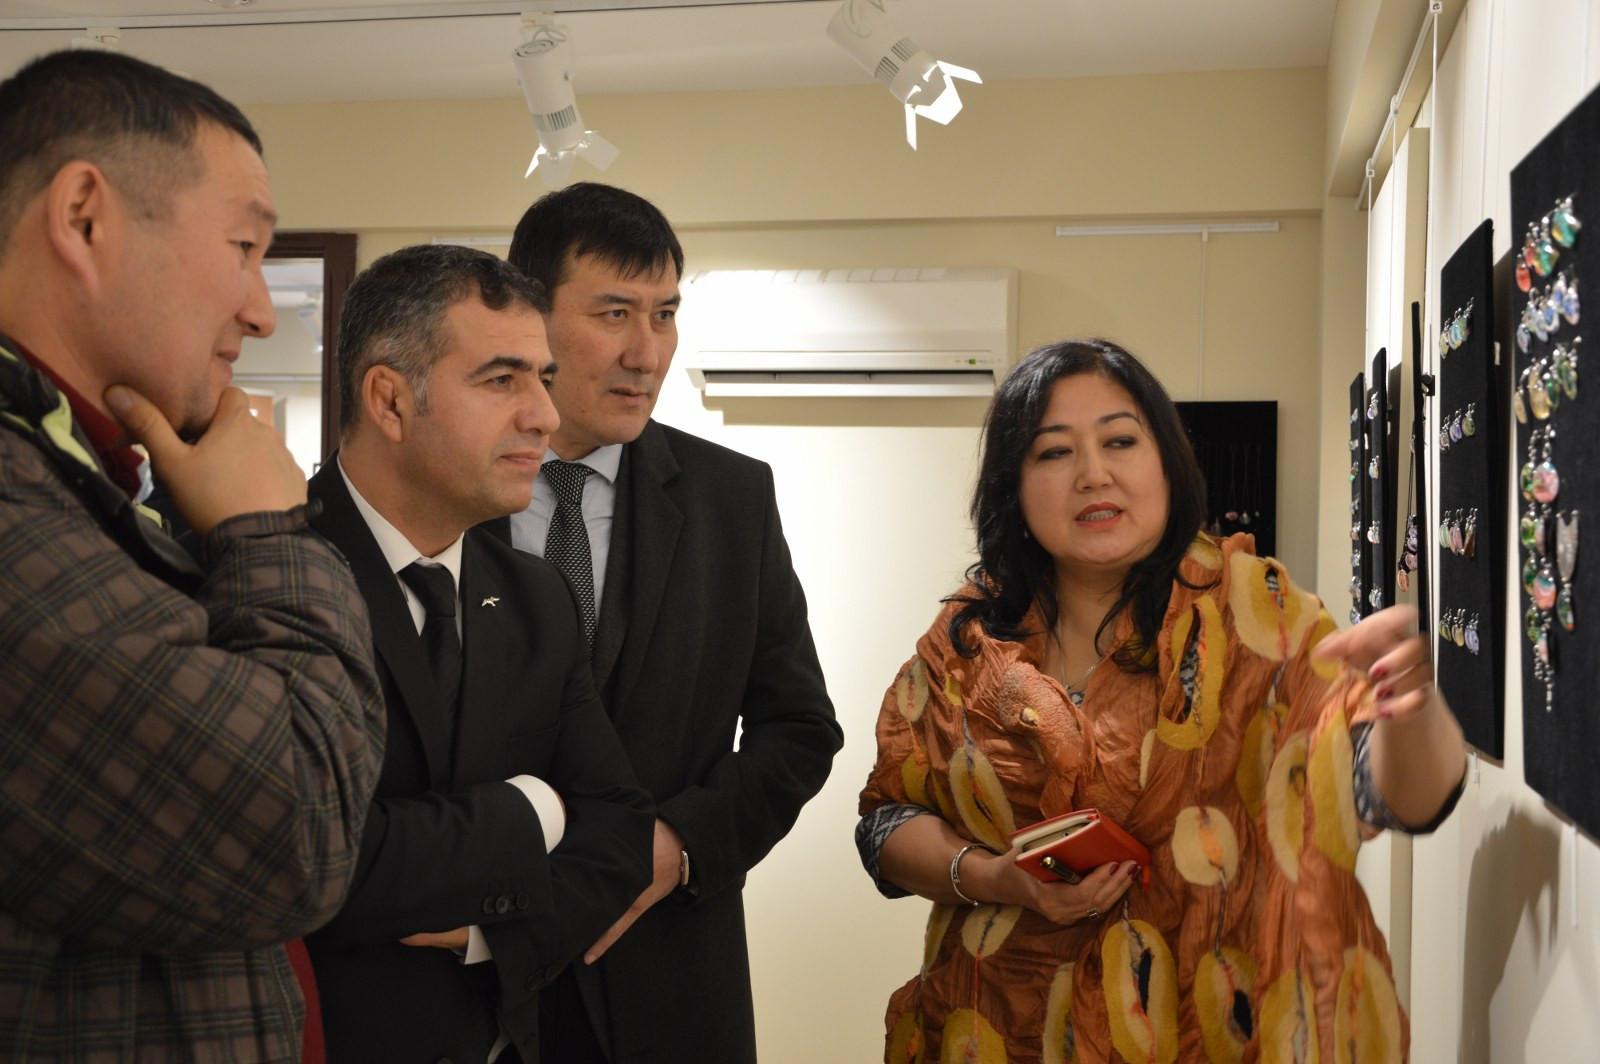 """İstanbul Büyükşehir Belediyesi'nin destekleriyle Kazıbekova'nın """"Cama İşlenen Sanat"""" sergisi Türk Dünyası Kültür Mahallesi'nde açıldı Galeri - 5. Resim"""